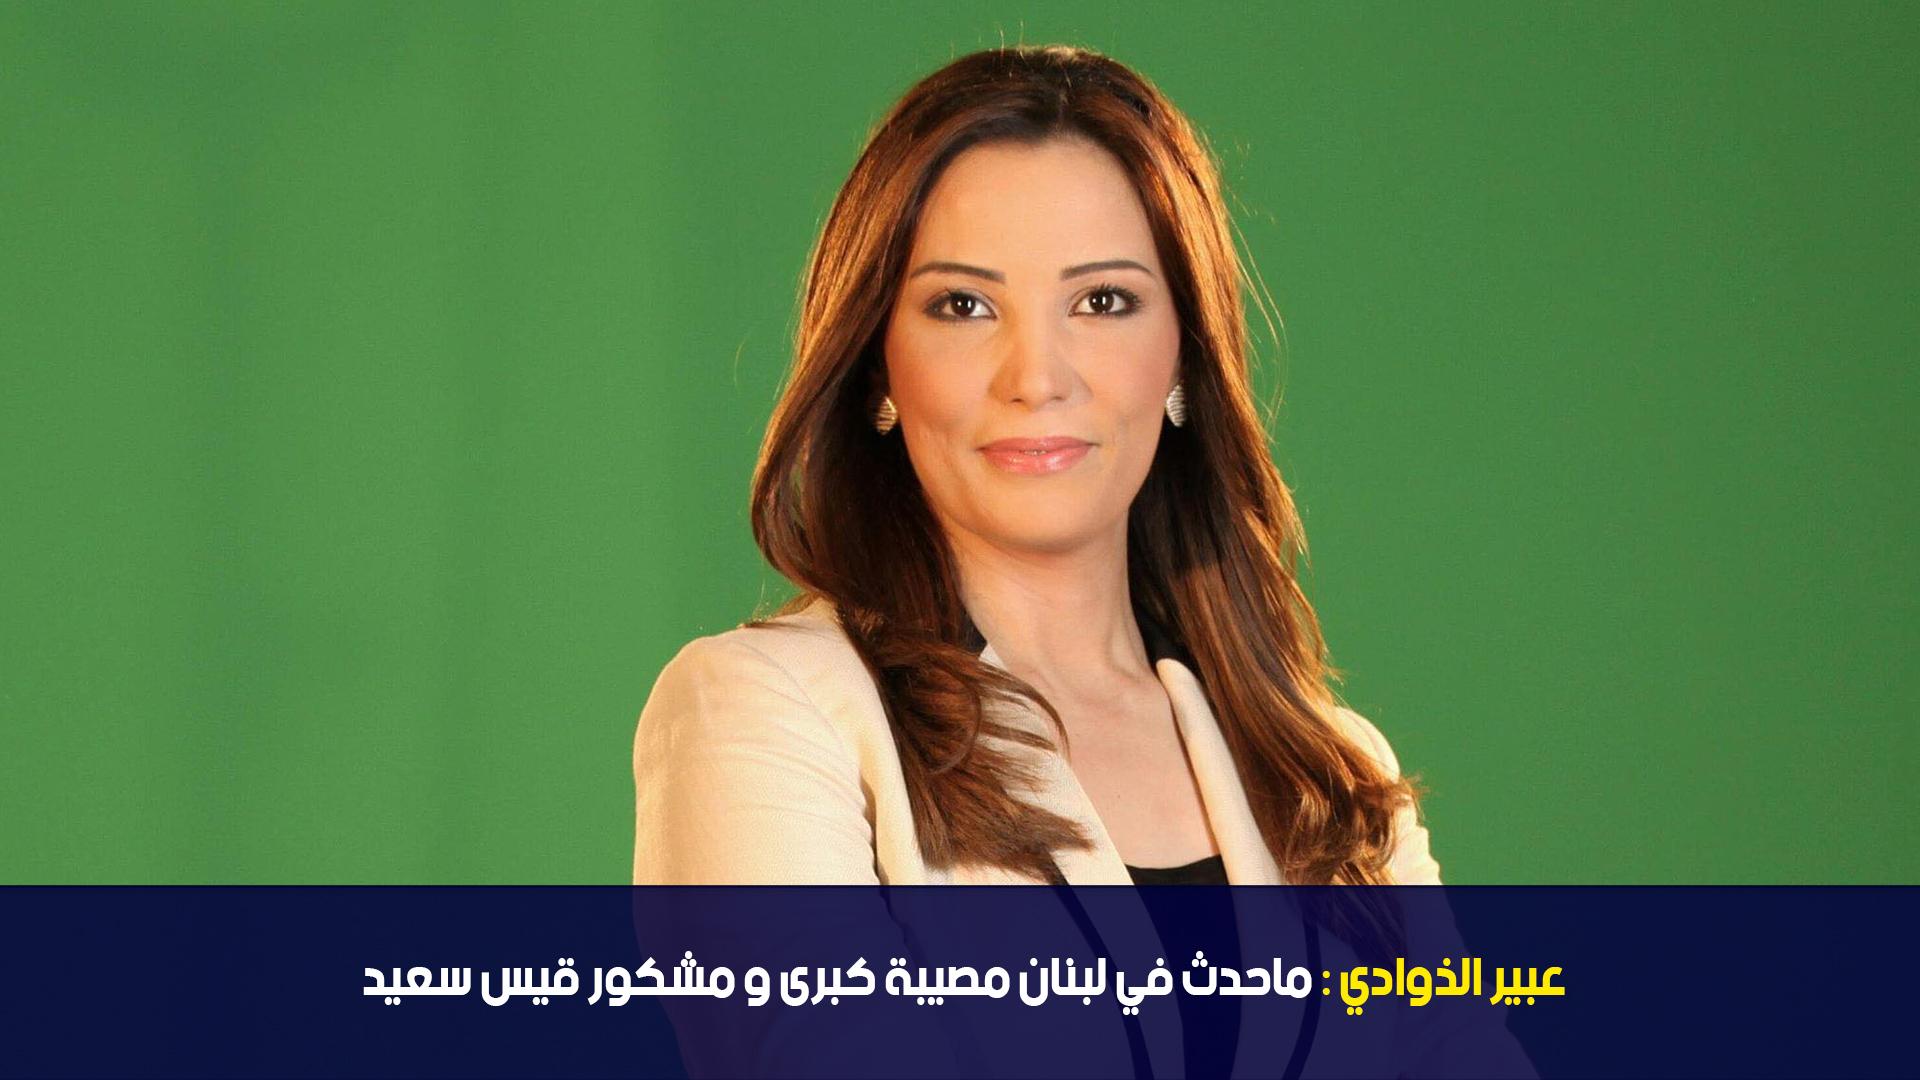 عبير الذوادي : ماحدث في لبنان مصيبة كبرى و مشكور قيس سعيد